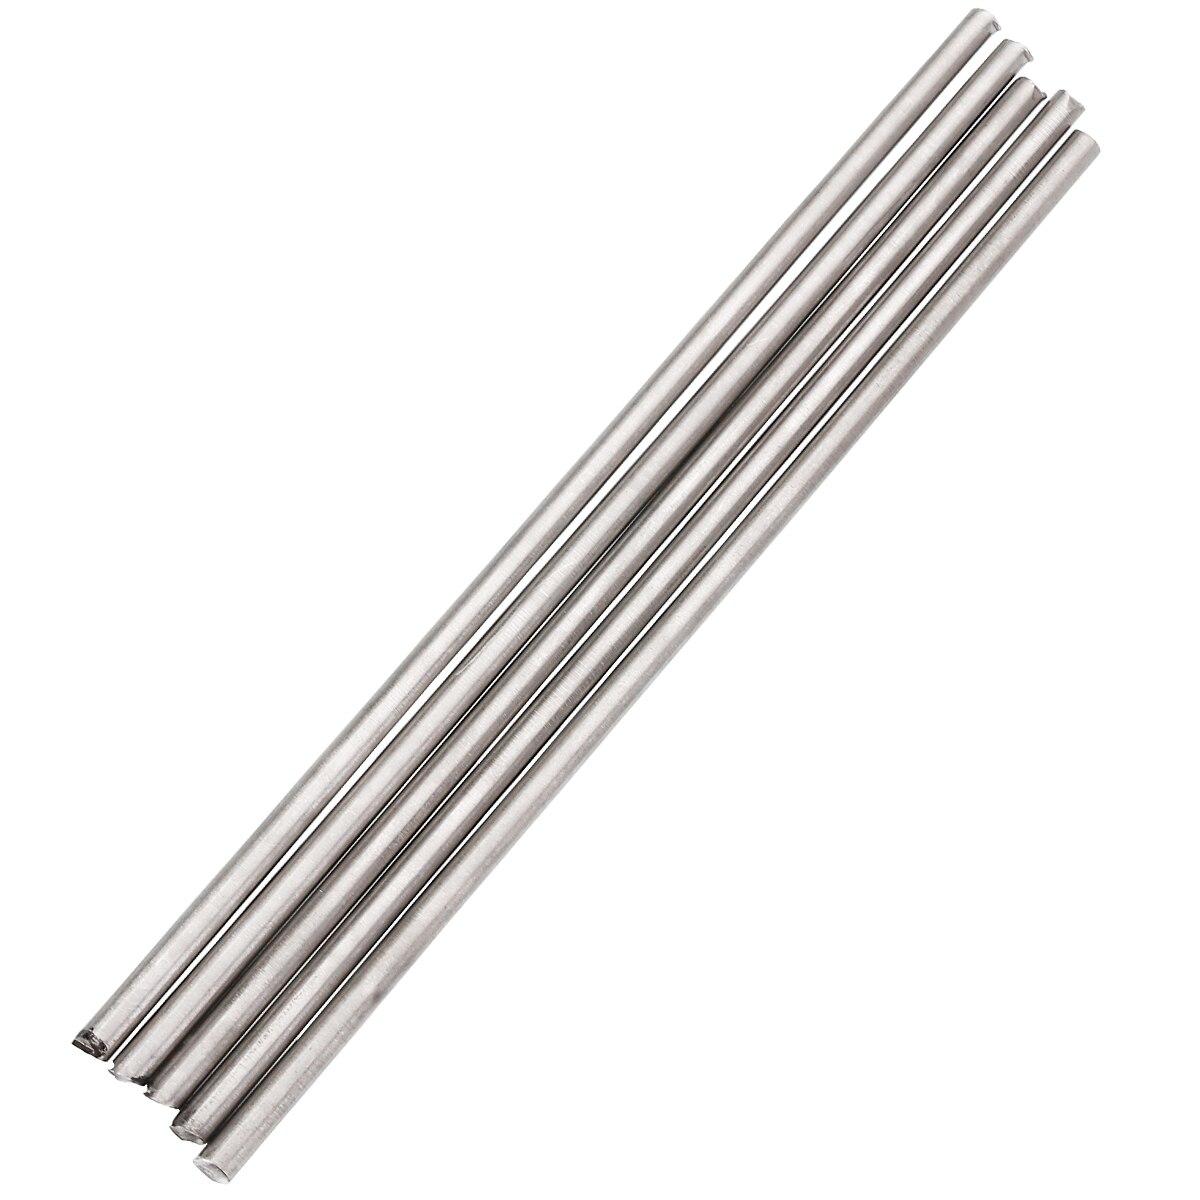 5Pcs Titanium Rod Sliver Titanium Ti Grade 5 GR5 Metal Rod Diameter 4mm Length 250mm For Soldering Welding